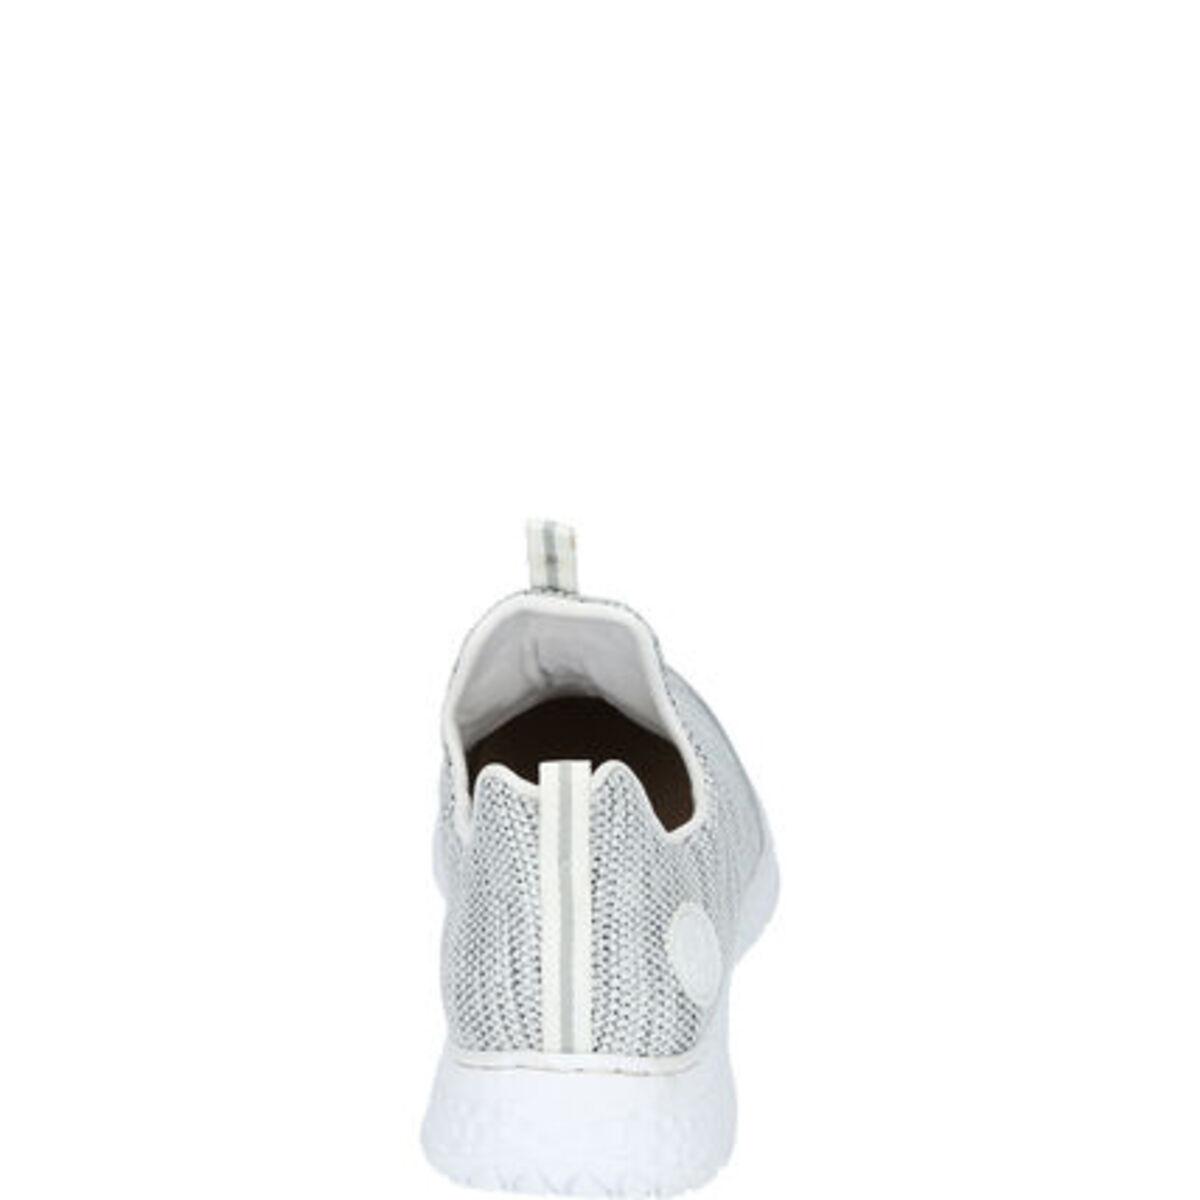 Bild 4 von Rieker Sneaker, Slipper, für Damen